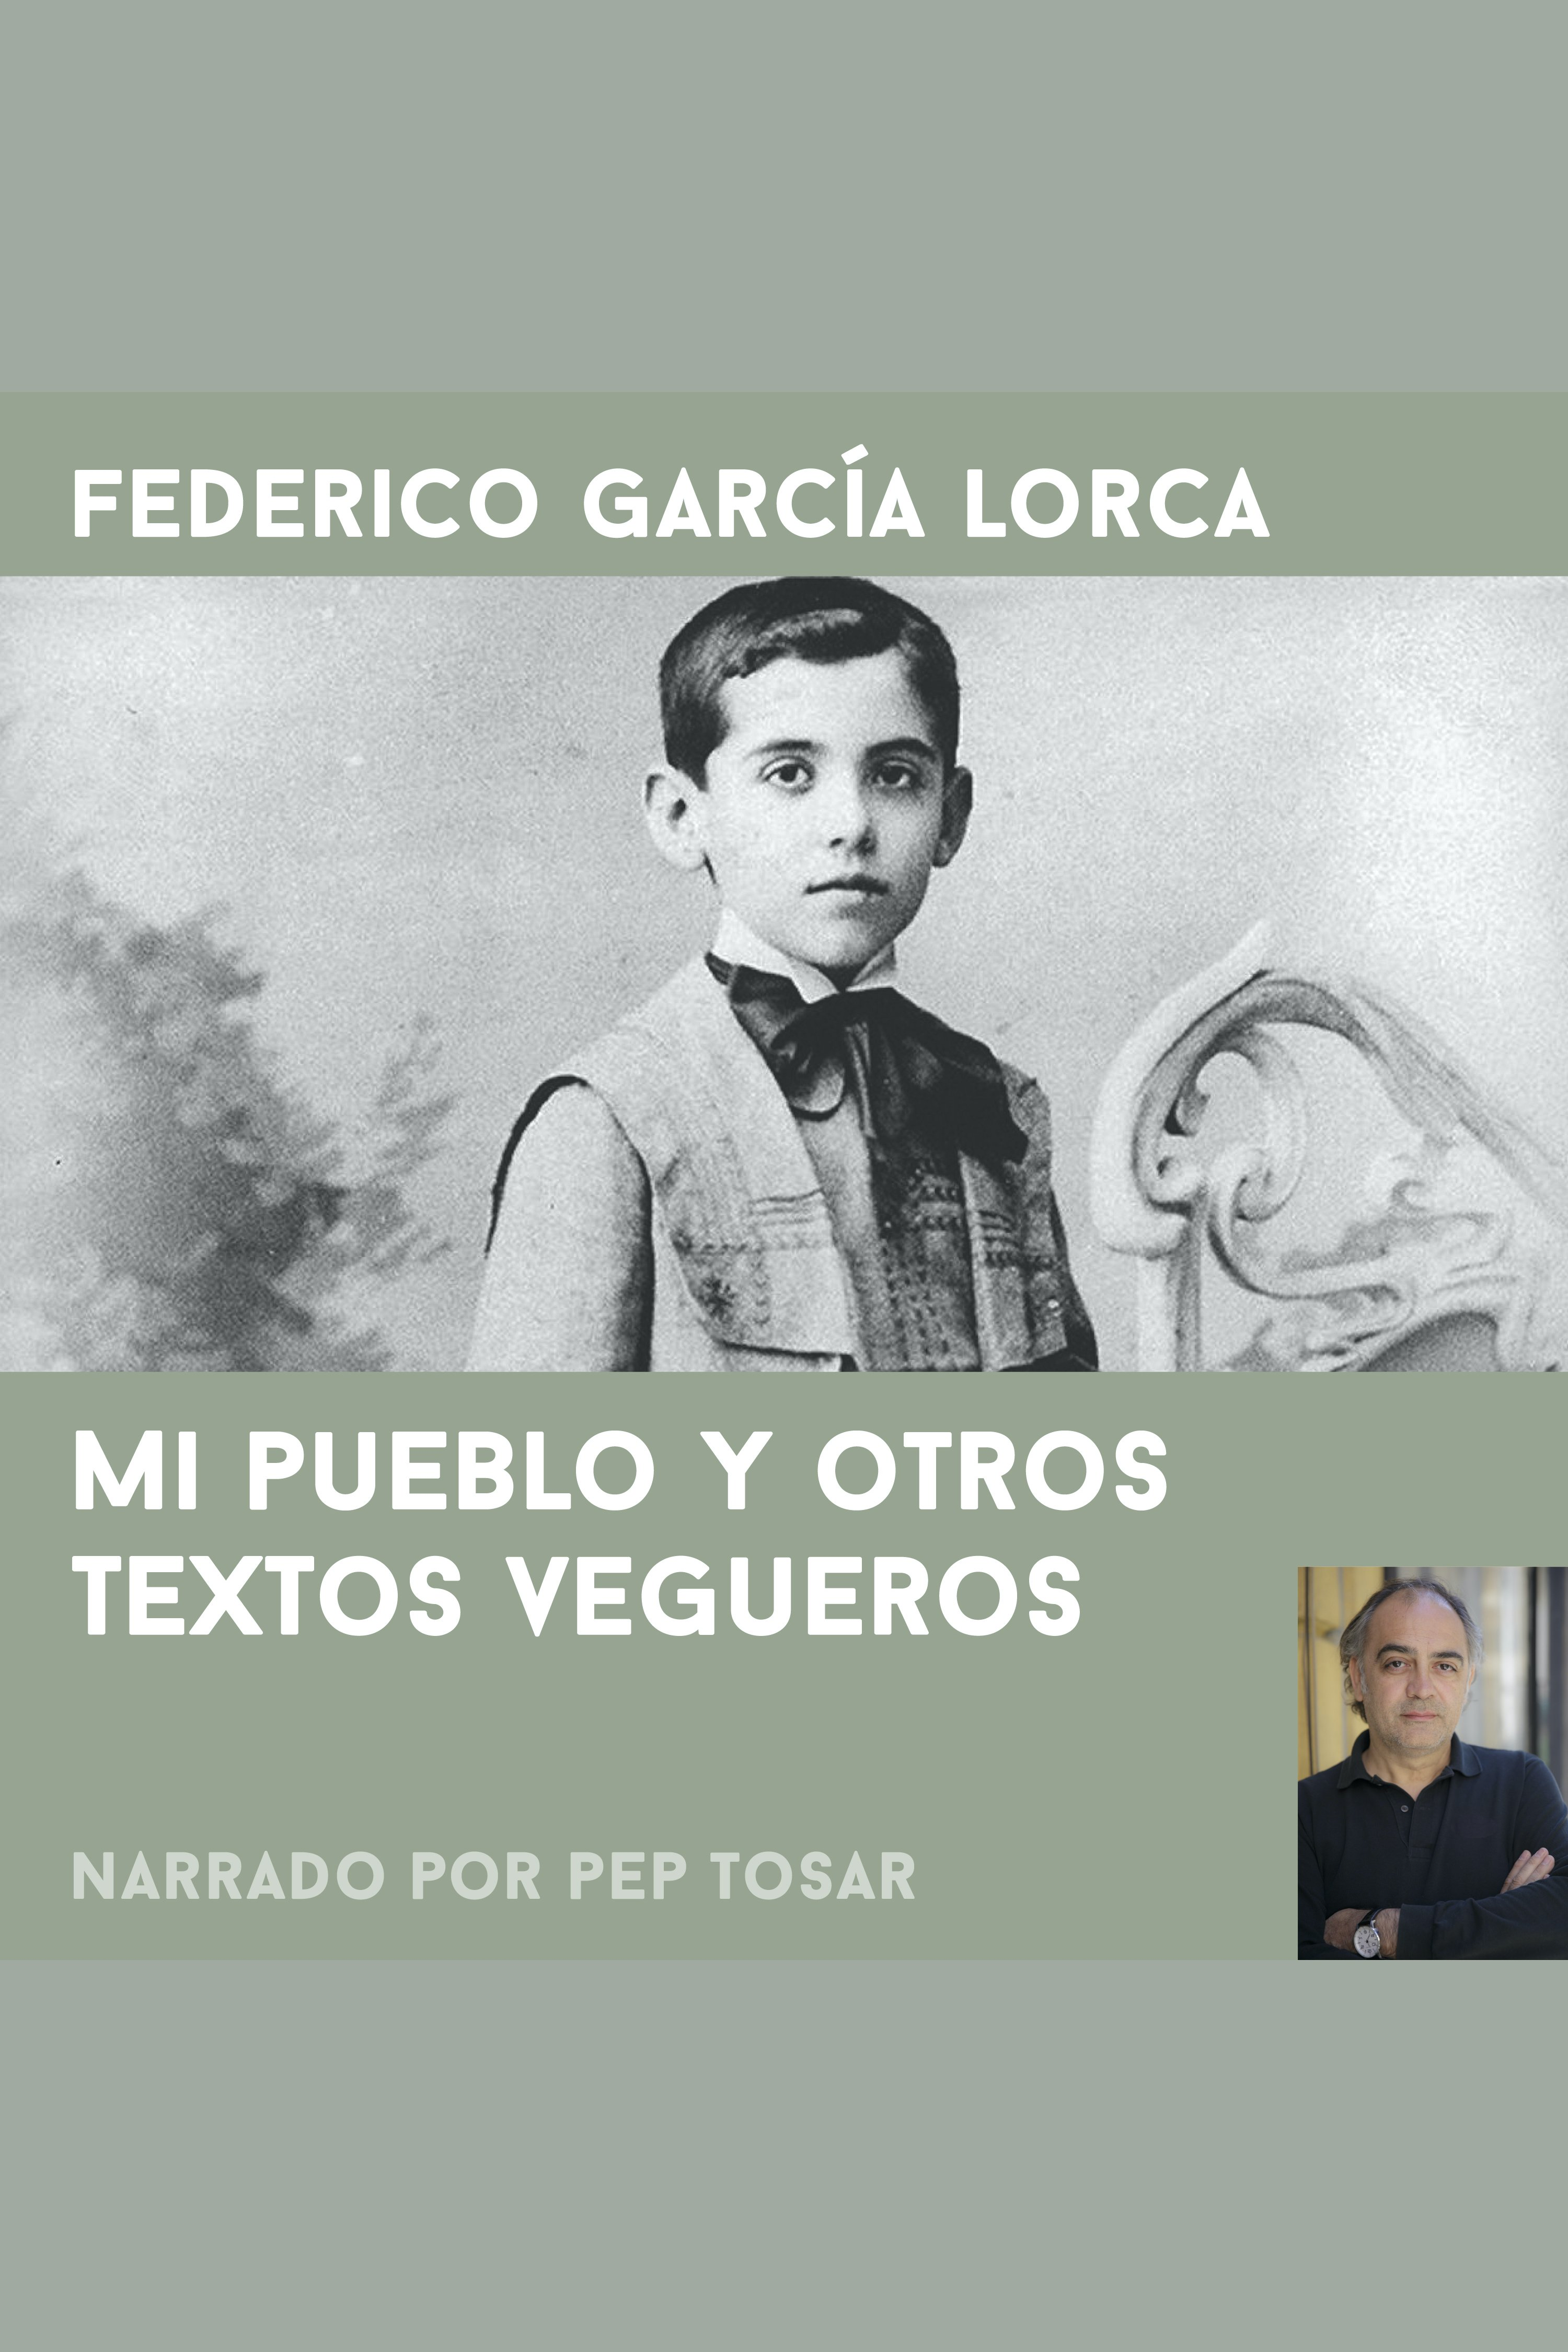 Esta es la portada del audiolibro Mi pueblo y otros textos vegueros: narrado por Pep Tosar